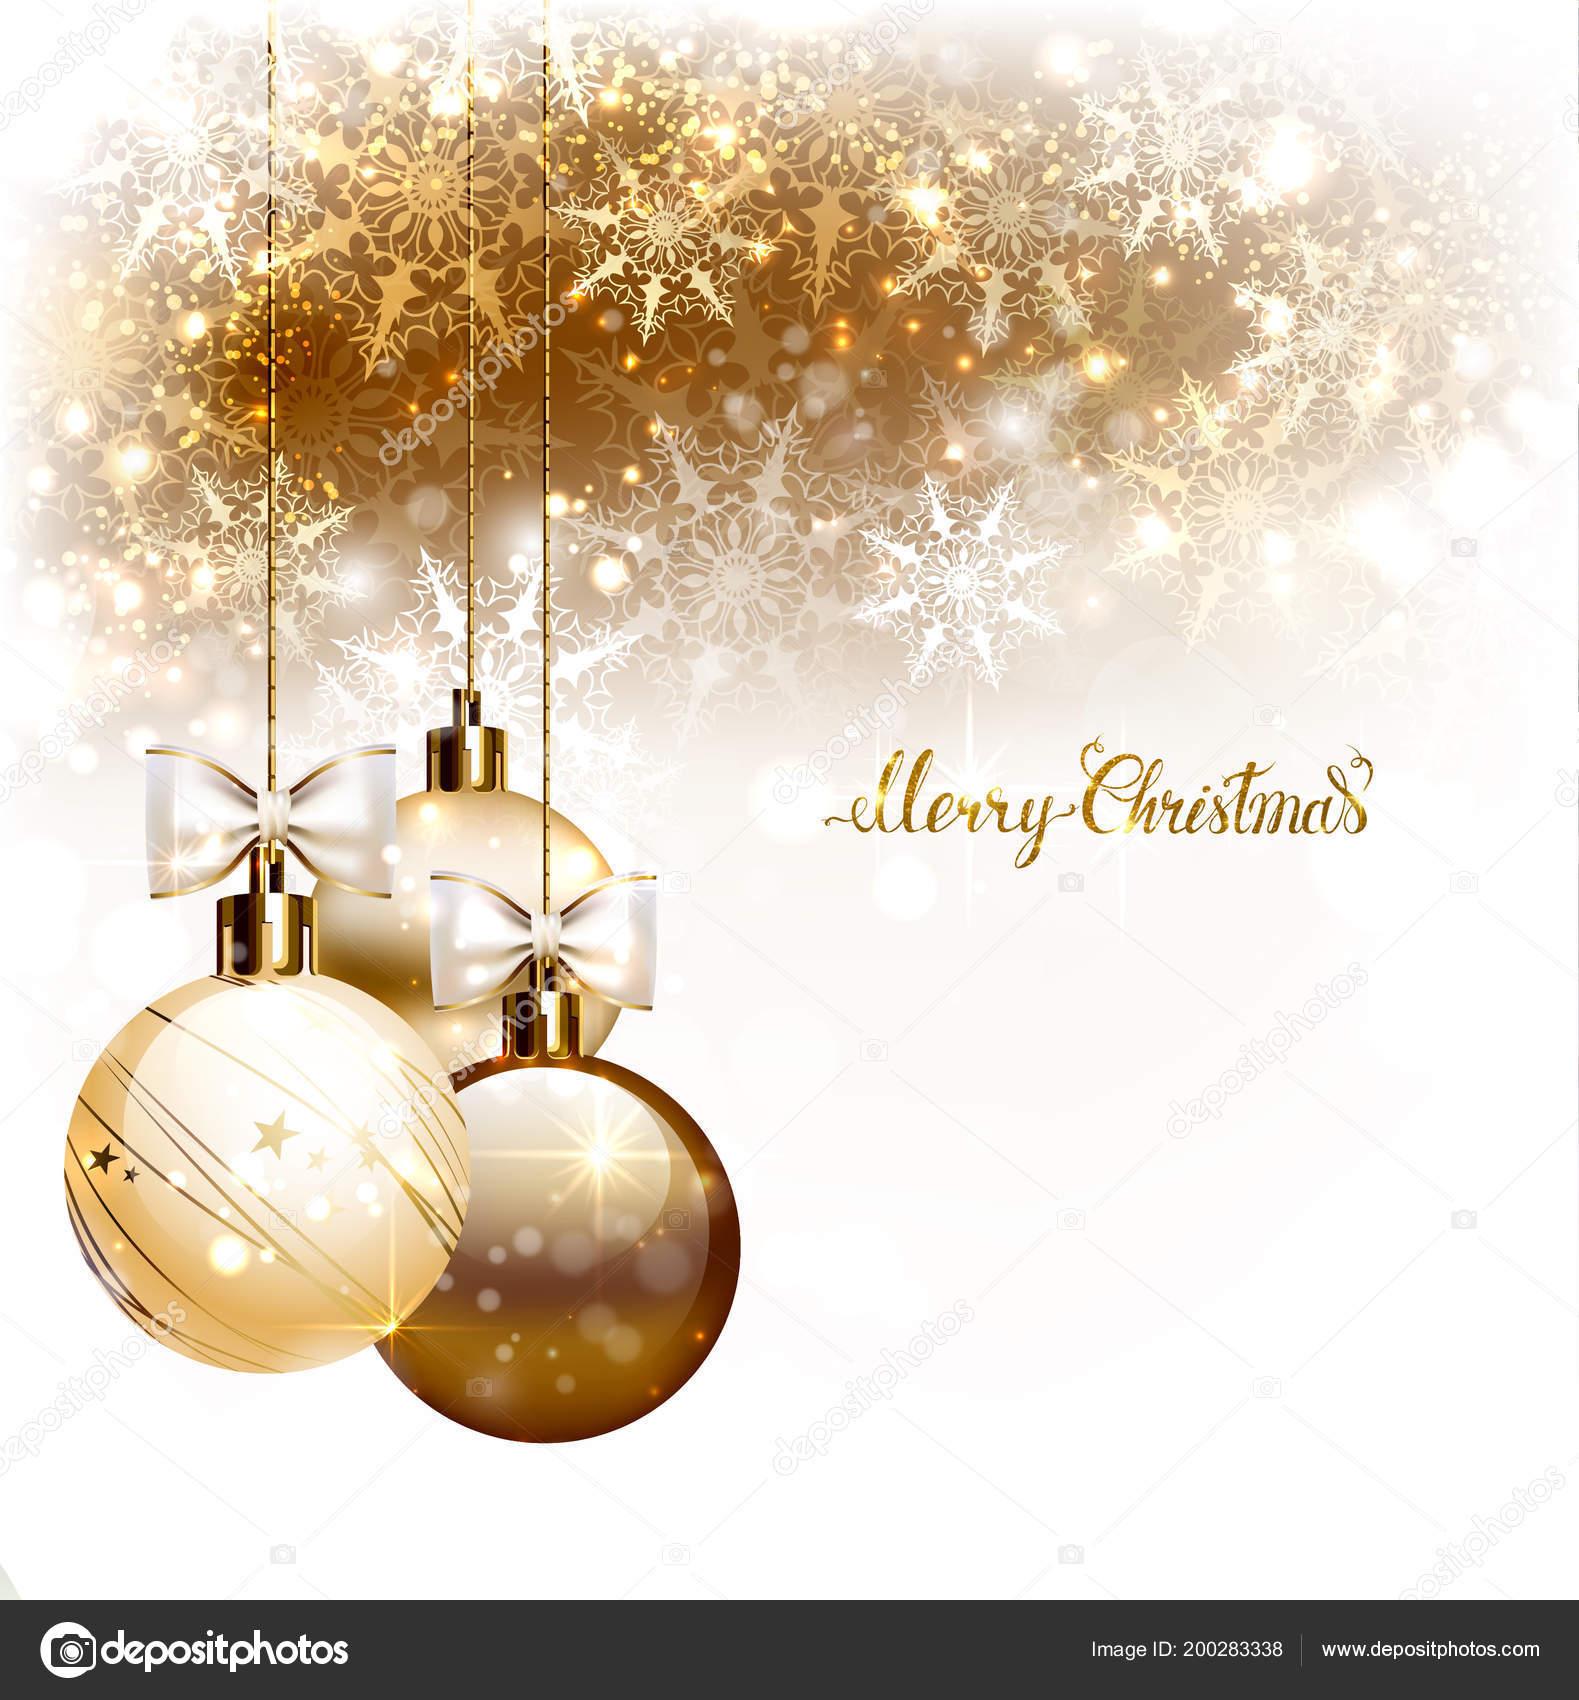 Elegant Christmas Background Images.Background Elegant Christmas Gold Elegant Christmas